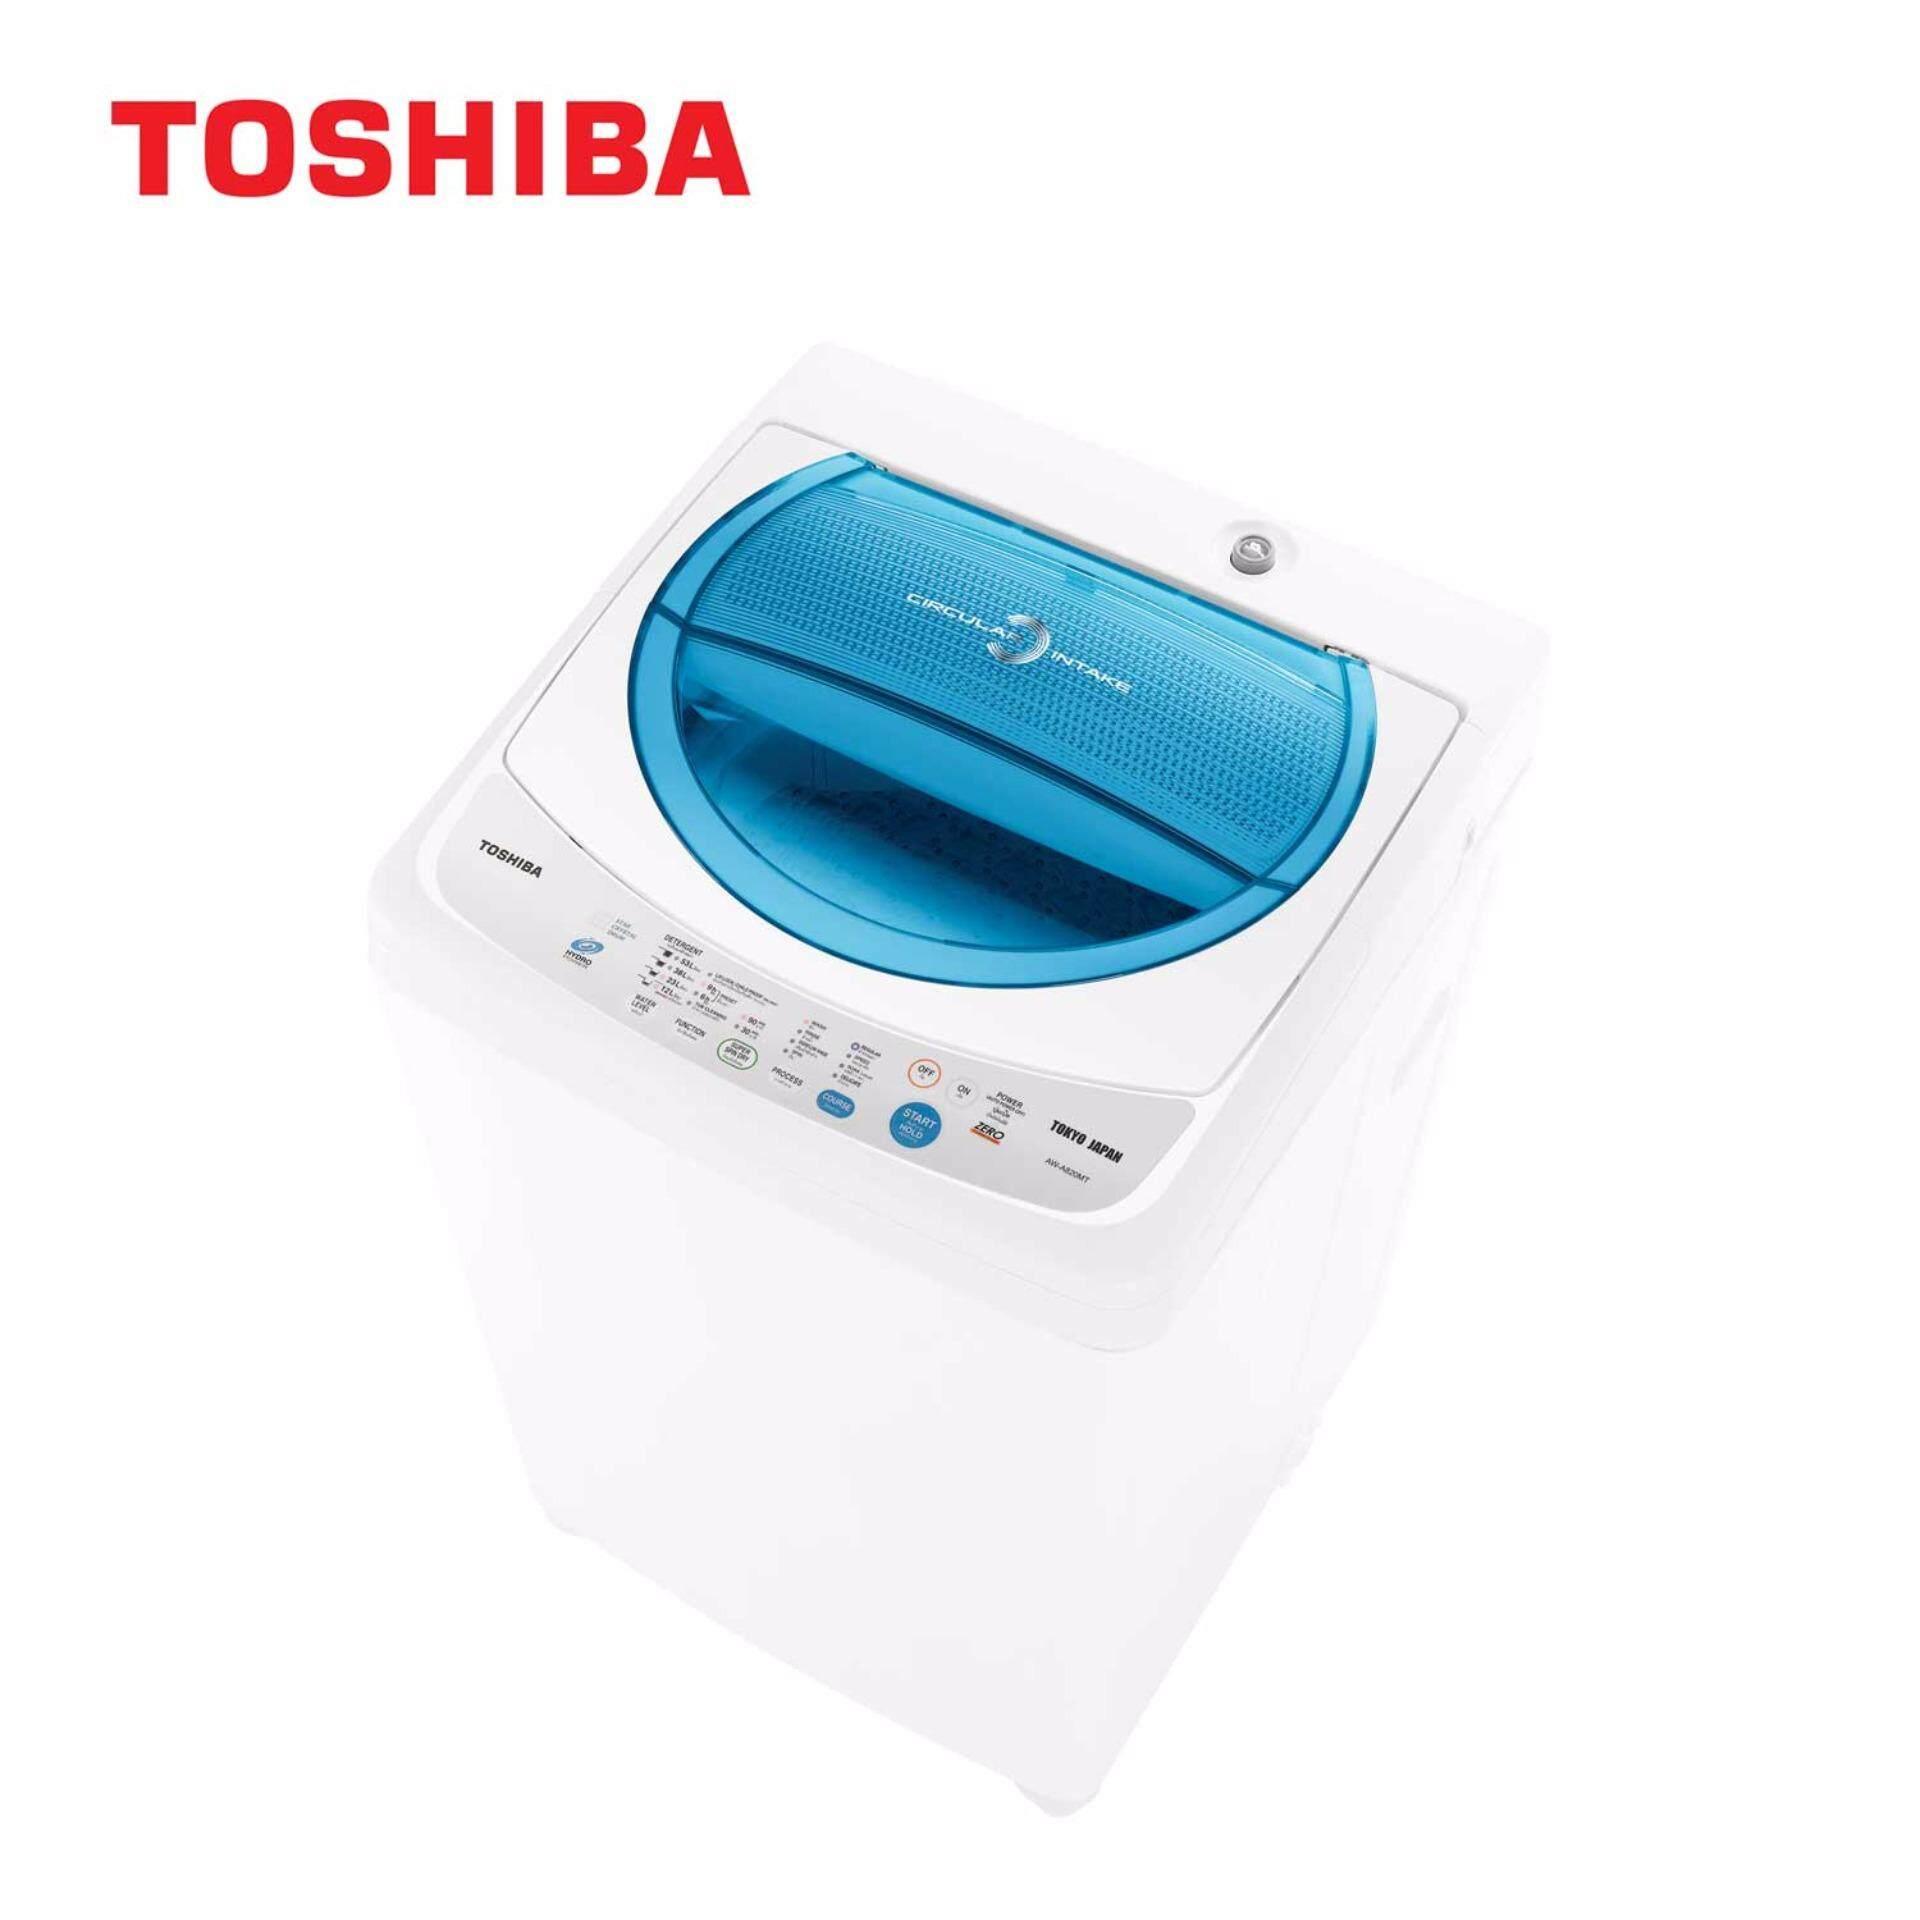 ถูกเหลือเชื่อ เครื่องซักผ้า Trimond ลด -28% Trimond เครื่องซักผ้าฝาบน 1 ถัง ขนาด 14 กก. แบบหยอดเหรียญ รุ่น Twm-A140a+sm4 ดีจริง ๆ